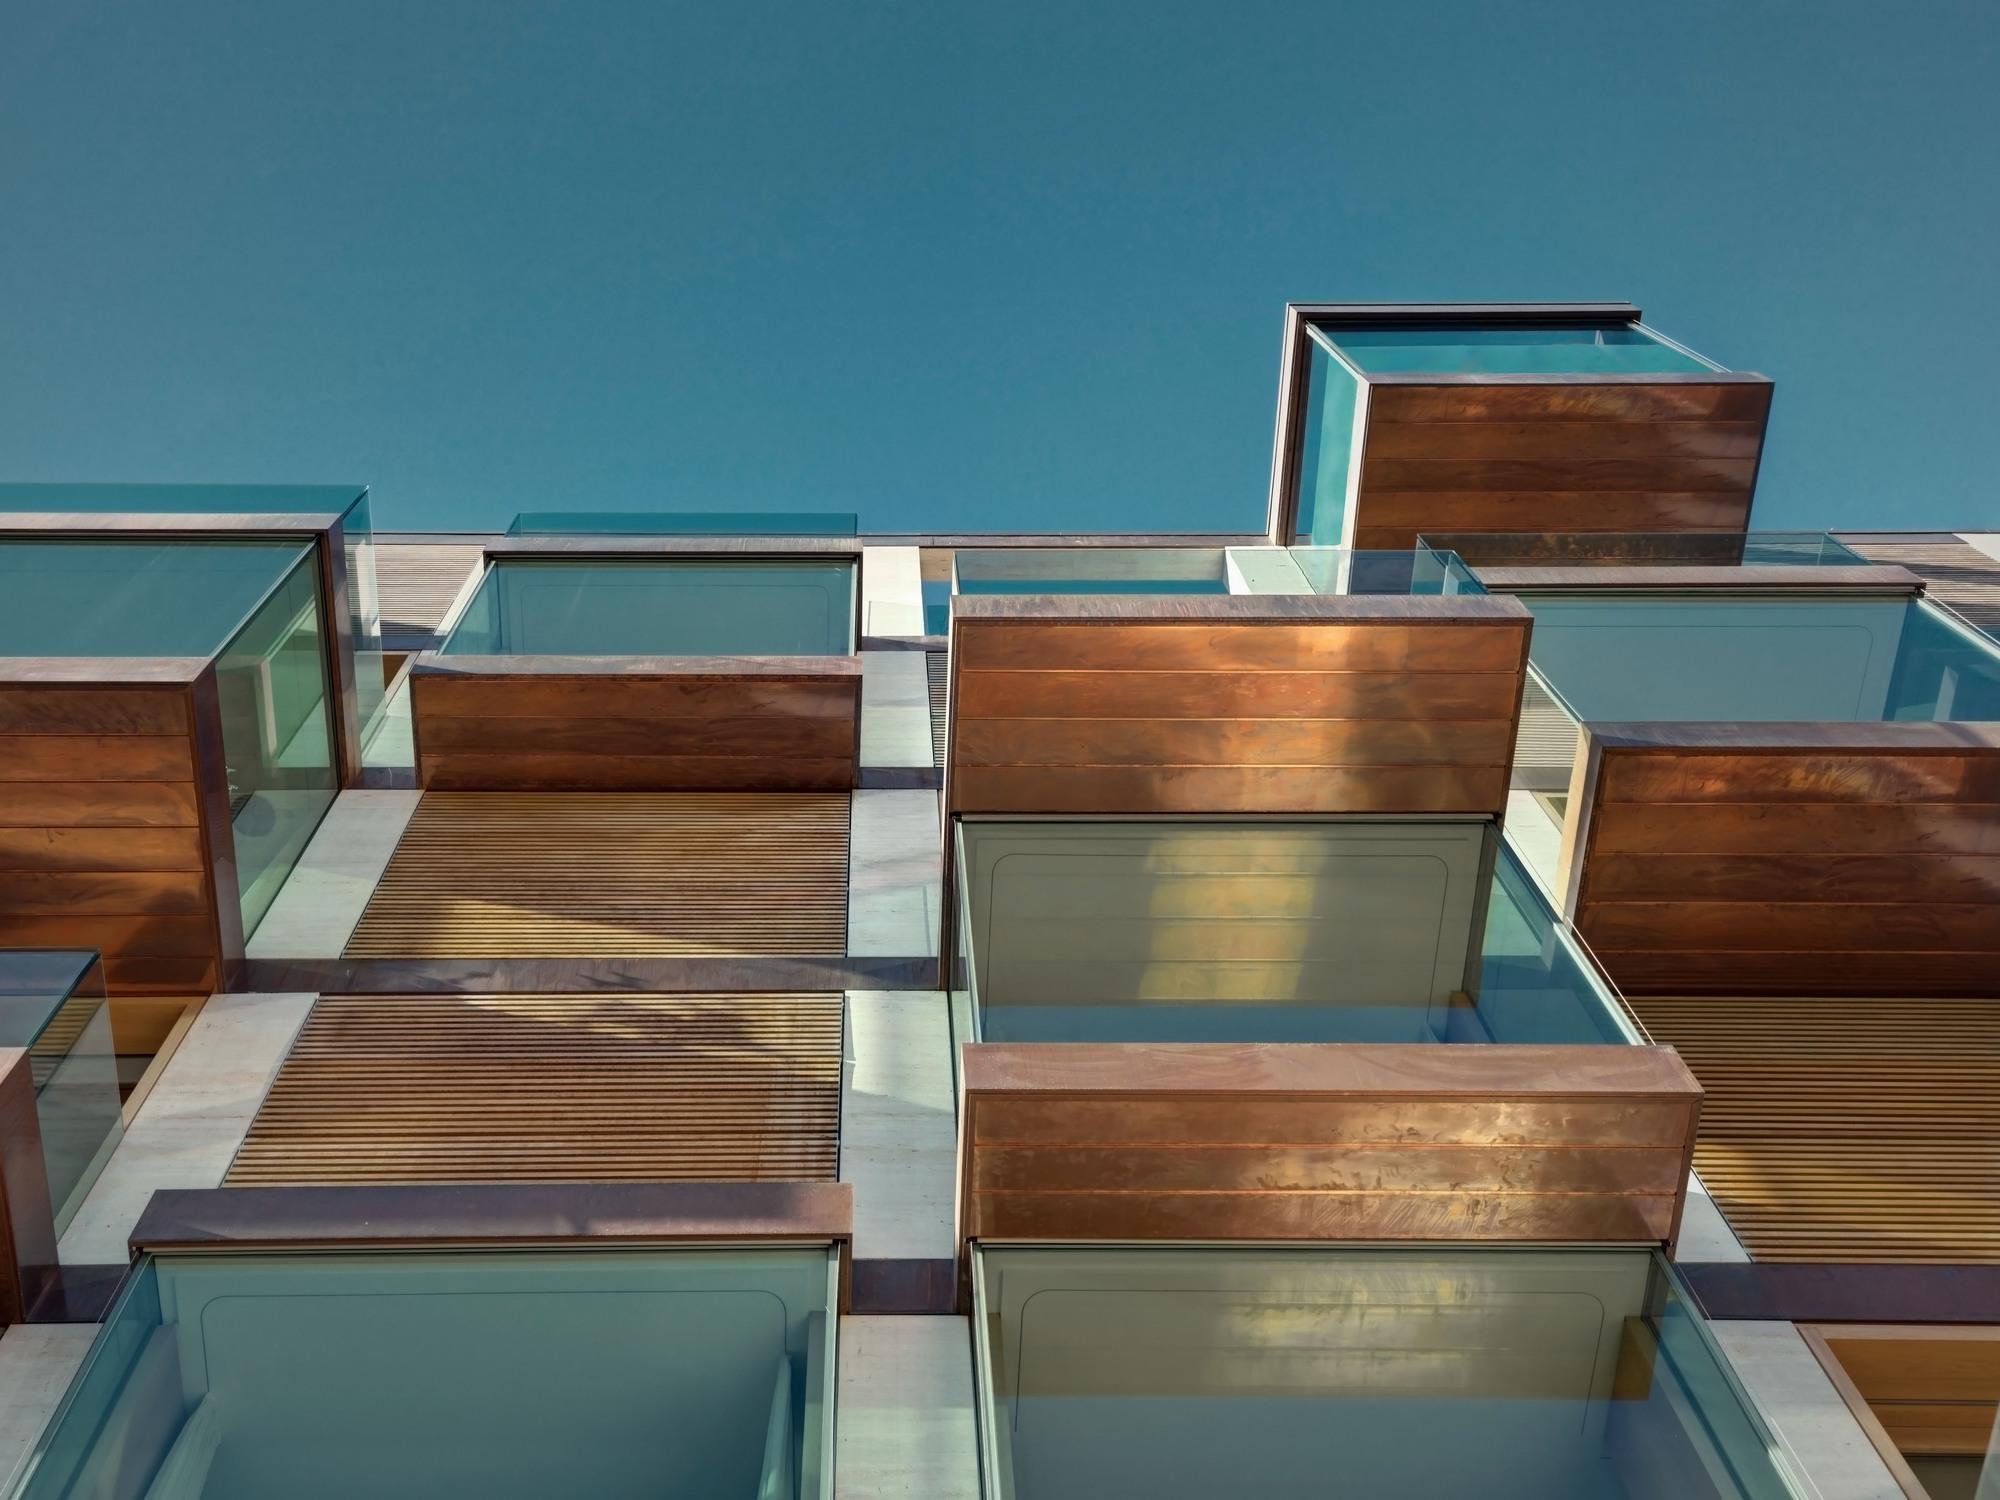 Urbanización de lujo con una fachada hecha de cubos de cristal 5